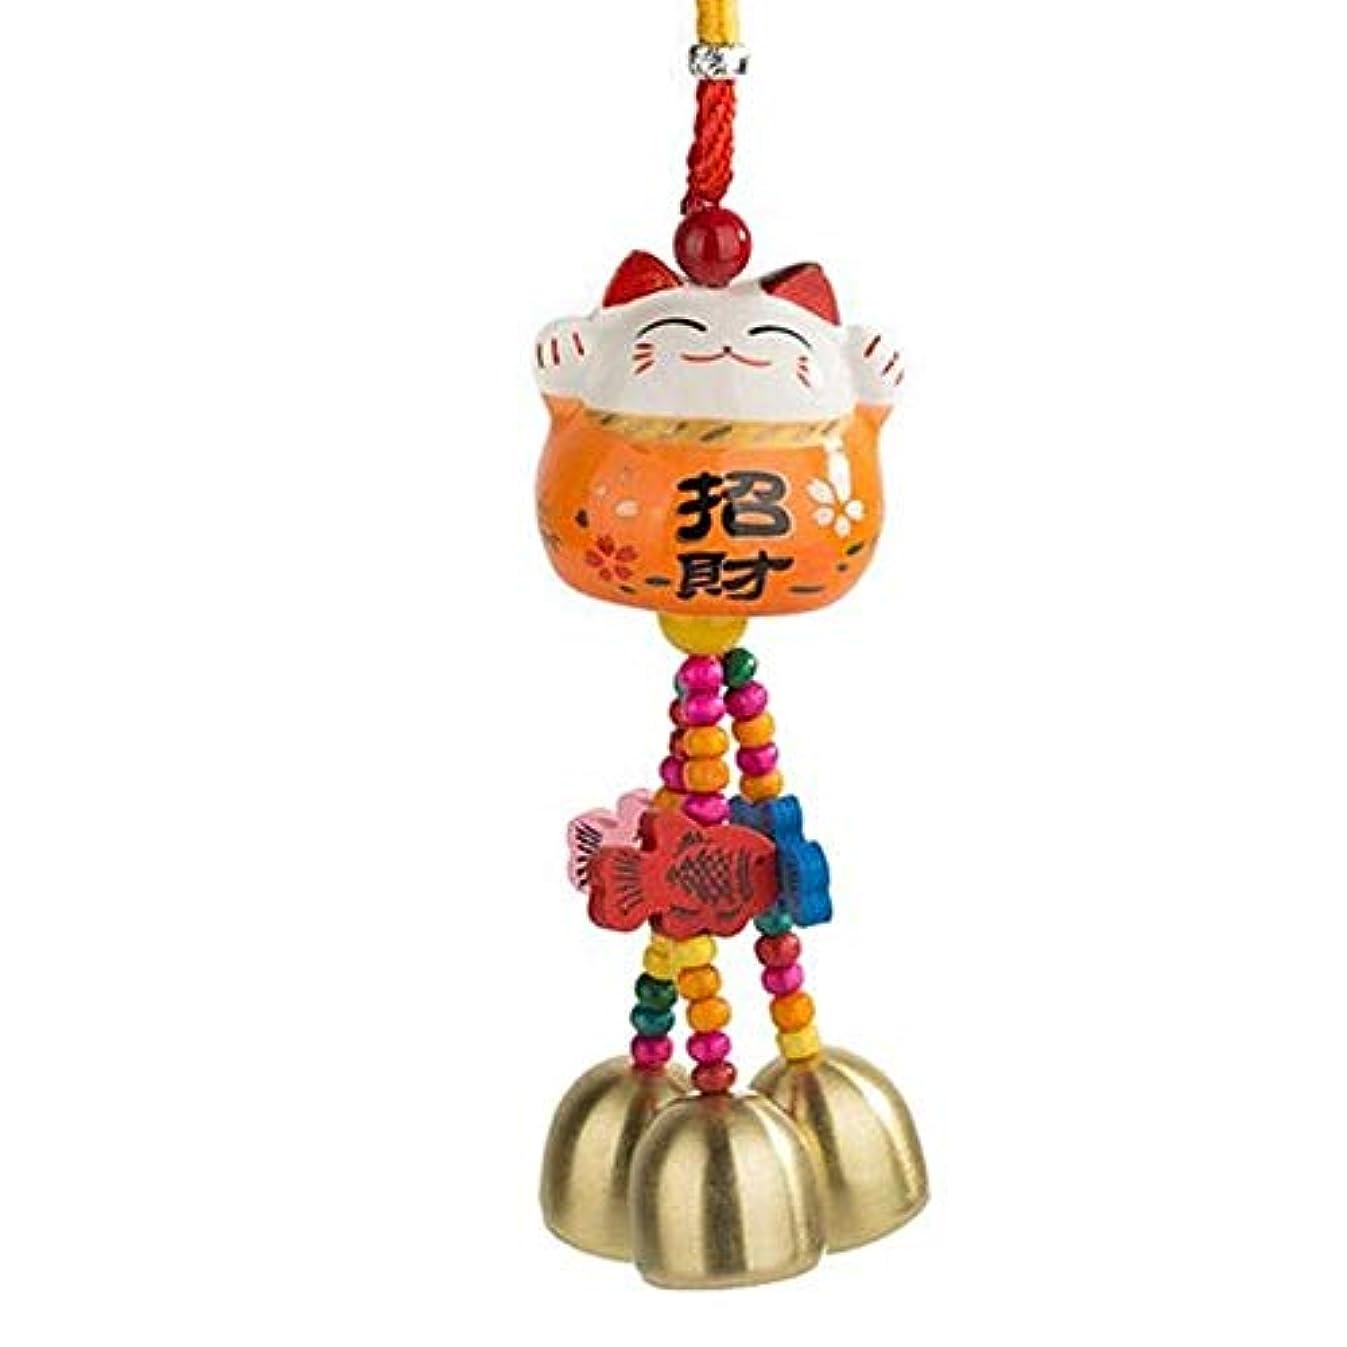 血統系統的困惑した風チャイム、猫風チャイムセラミックメタル銅の鐘、ホームアクセサリー、クリエイティブかわいいジュエリー (Color : Orange)